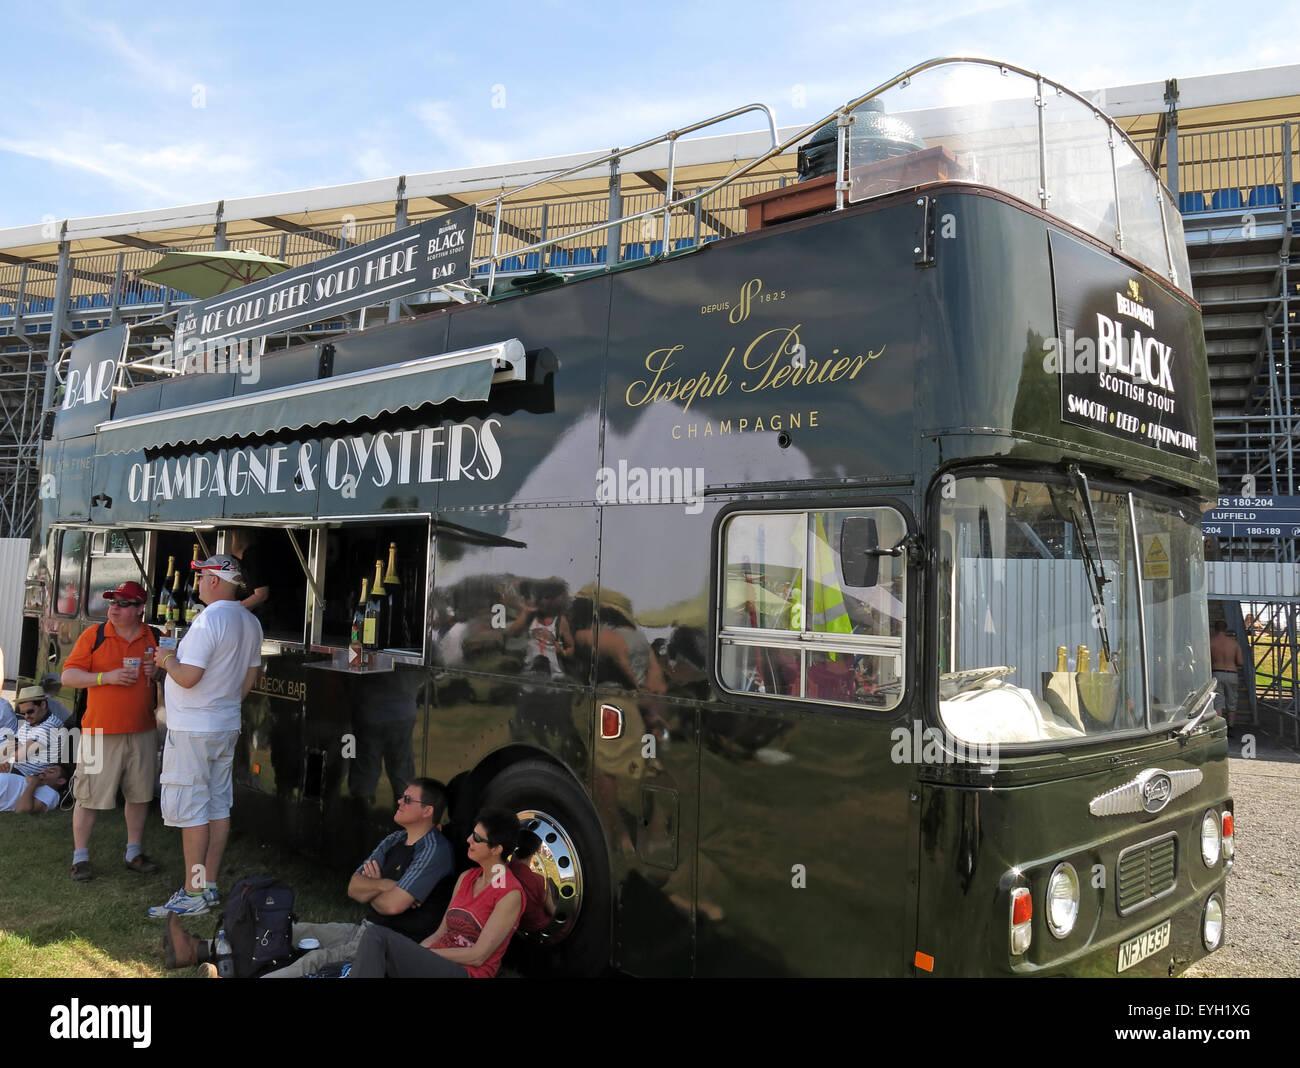 Laden Sie dieses Alamy Stockfoto Schwarzen Bus, Joseph Perrier Champagner und Austern-Bar bei einer Veranstaltung - EYH1XG